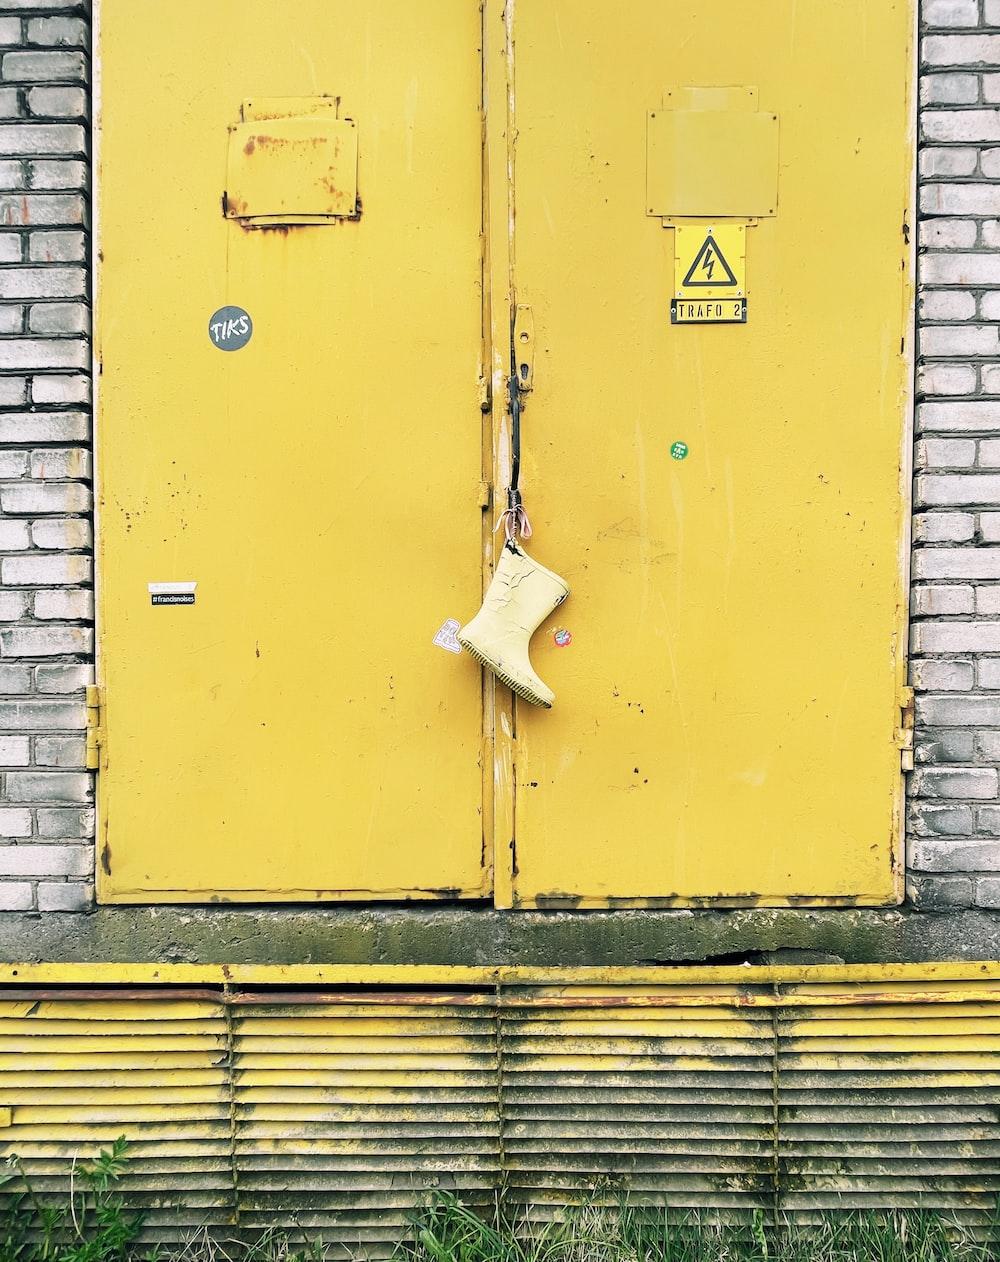 yellow wooden door with white plastic bag